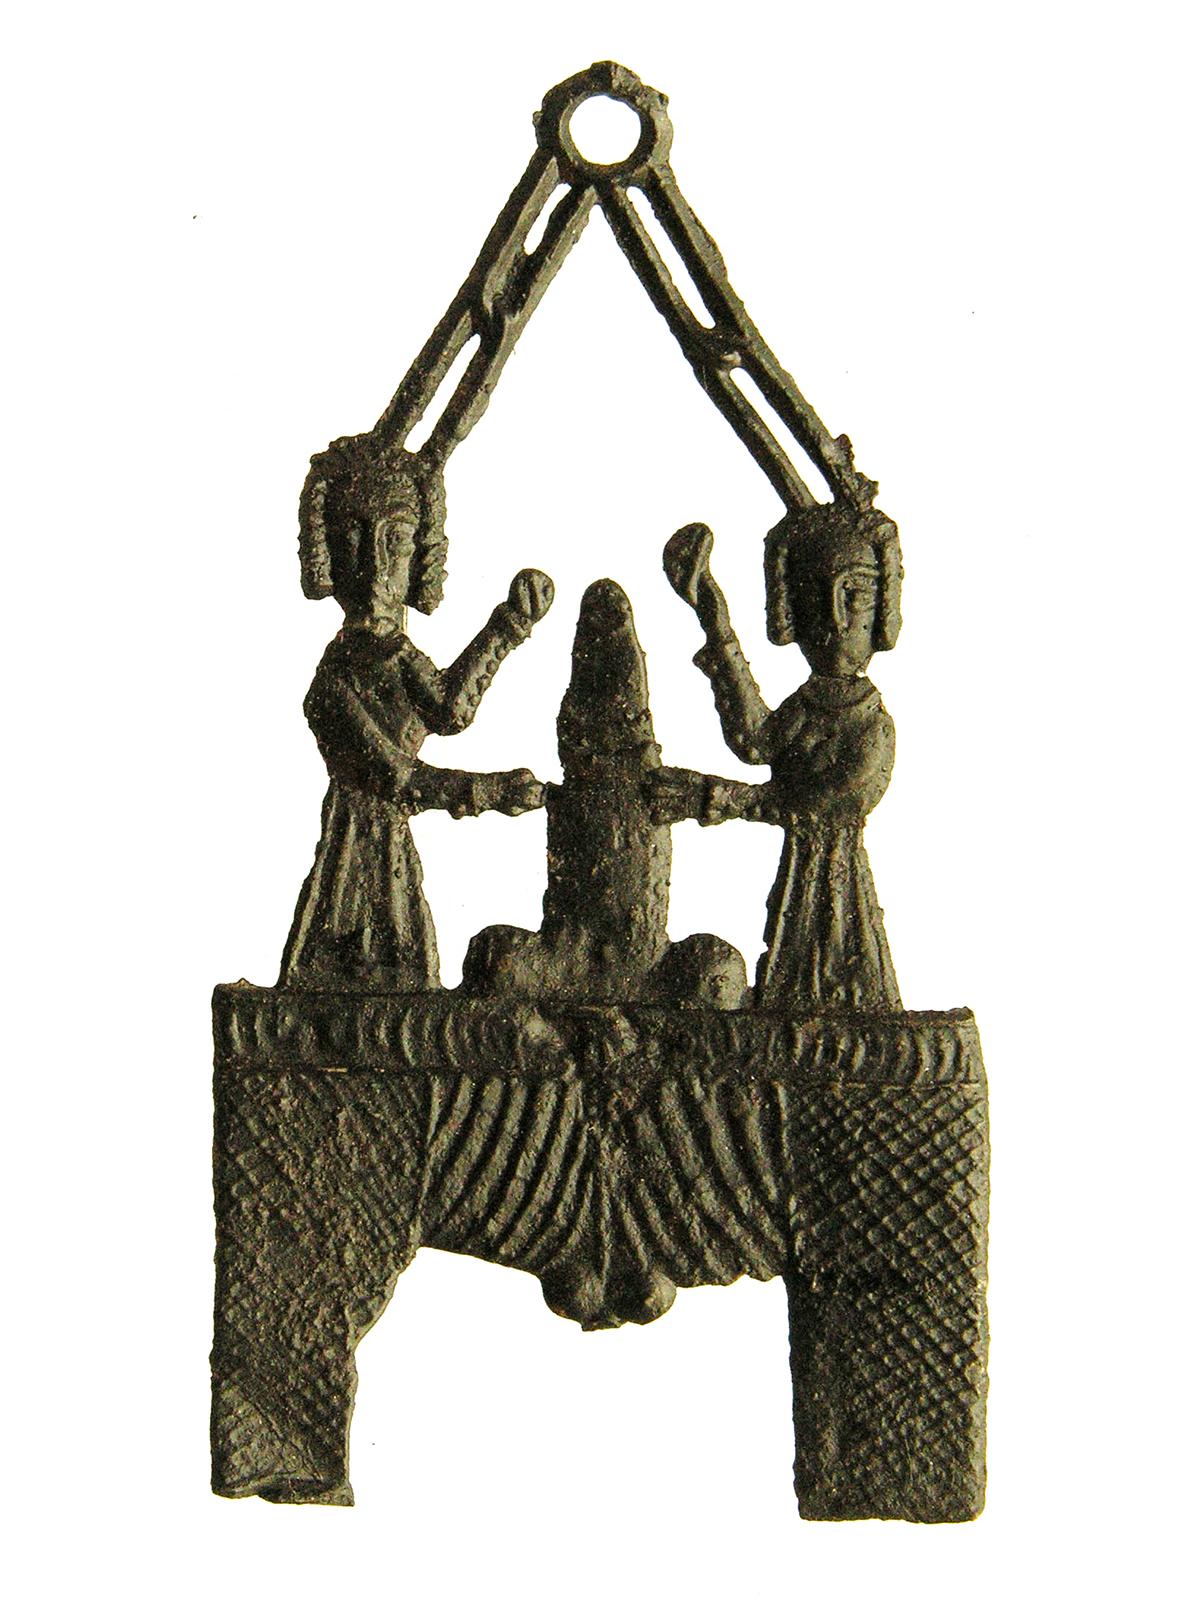 Afbeelding 1: Fallus die boven een broek uitsteekt en door twee vrouwen wordt gestreeld, 1400-1450, 63 x 33 mm., gevonden Brugge, Langbroek, collectie Familie Van Beuningen